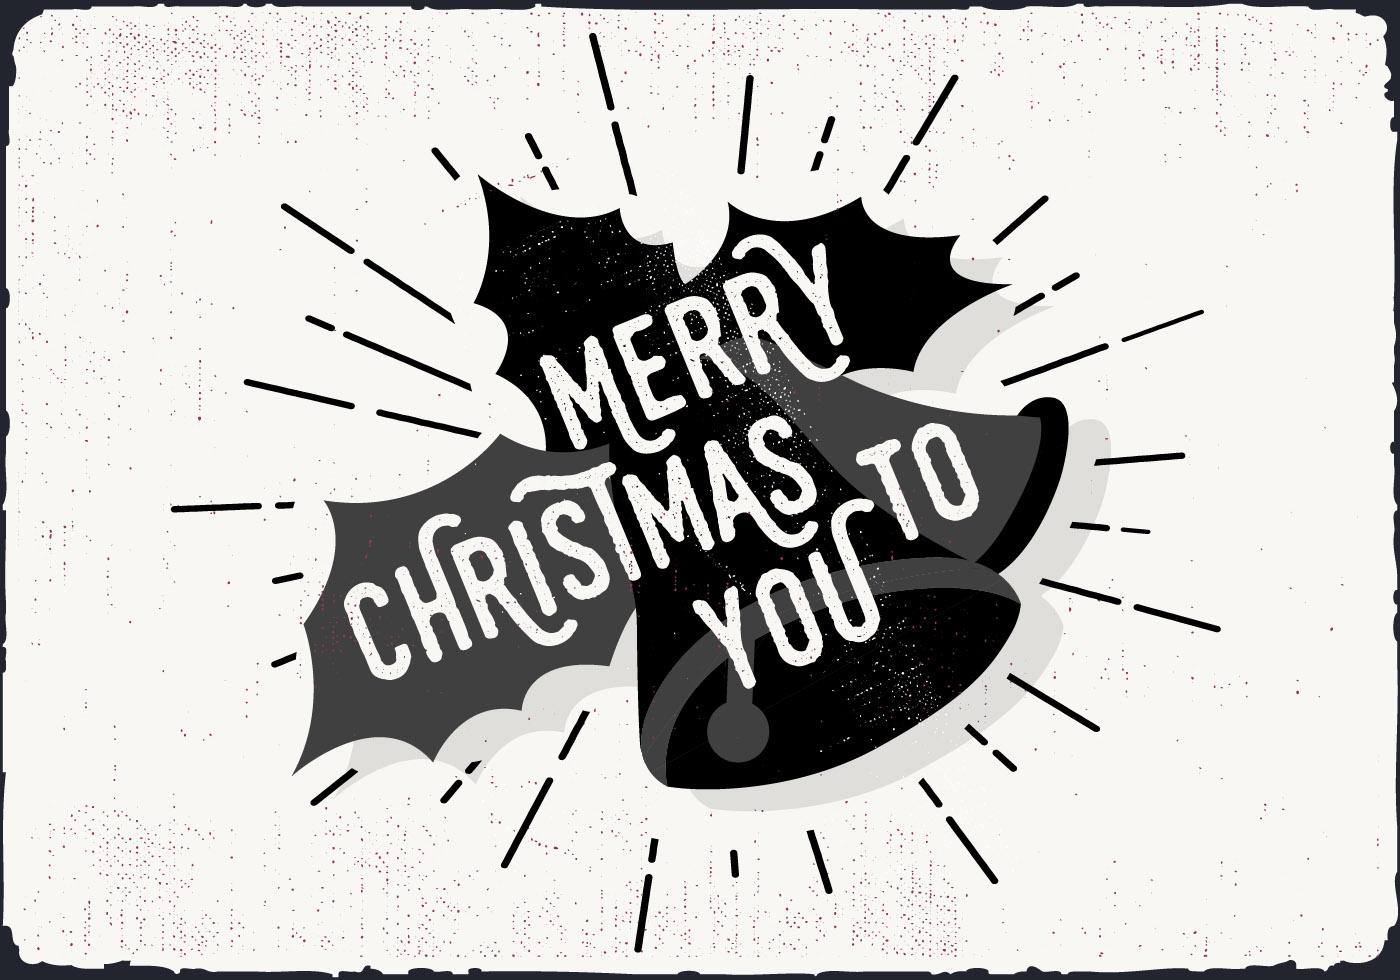 聖誕快樂貼圖 免費下載 | 天天瘋後製